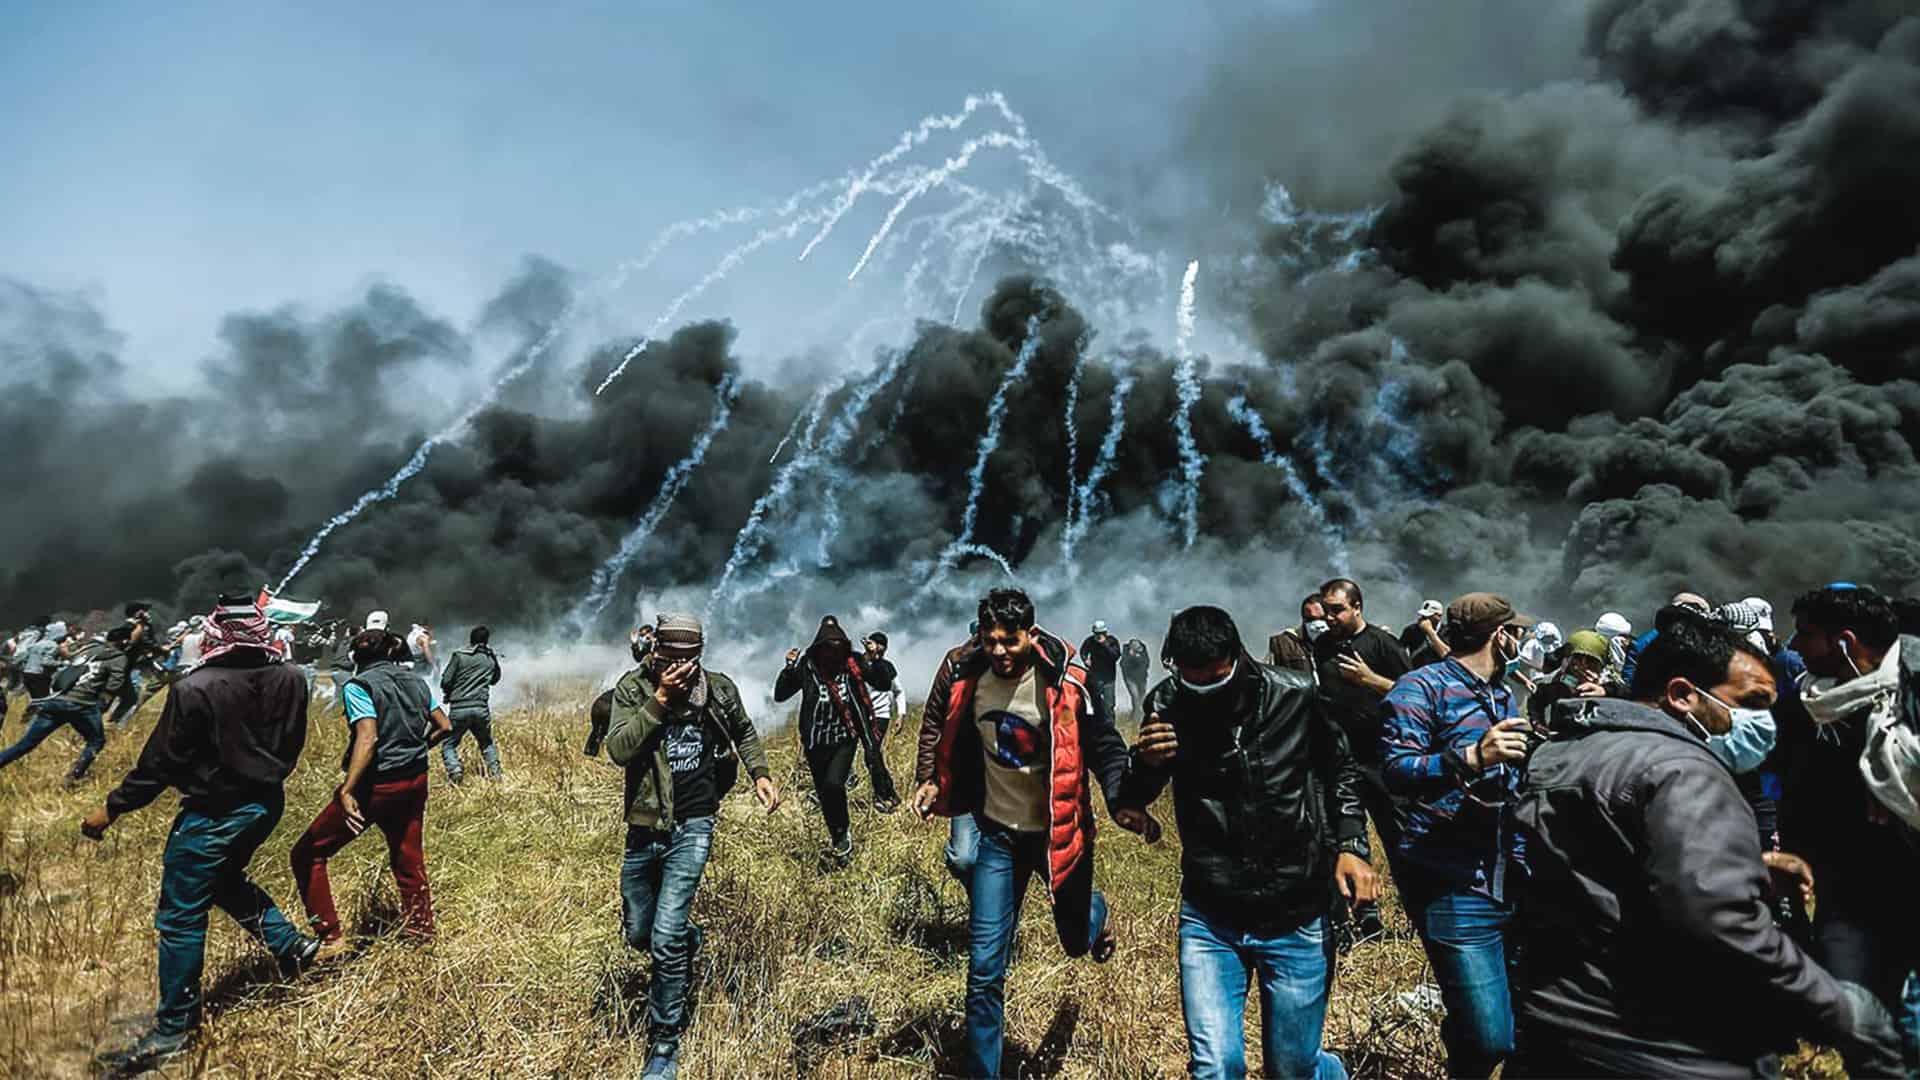 La segregazione e le violenze nella Striscia di Gaza stonano con l